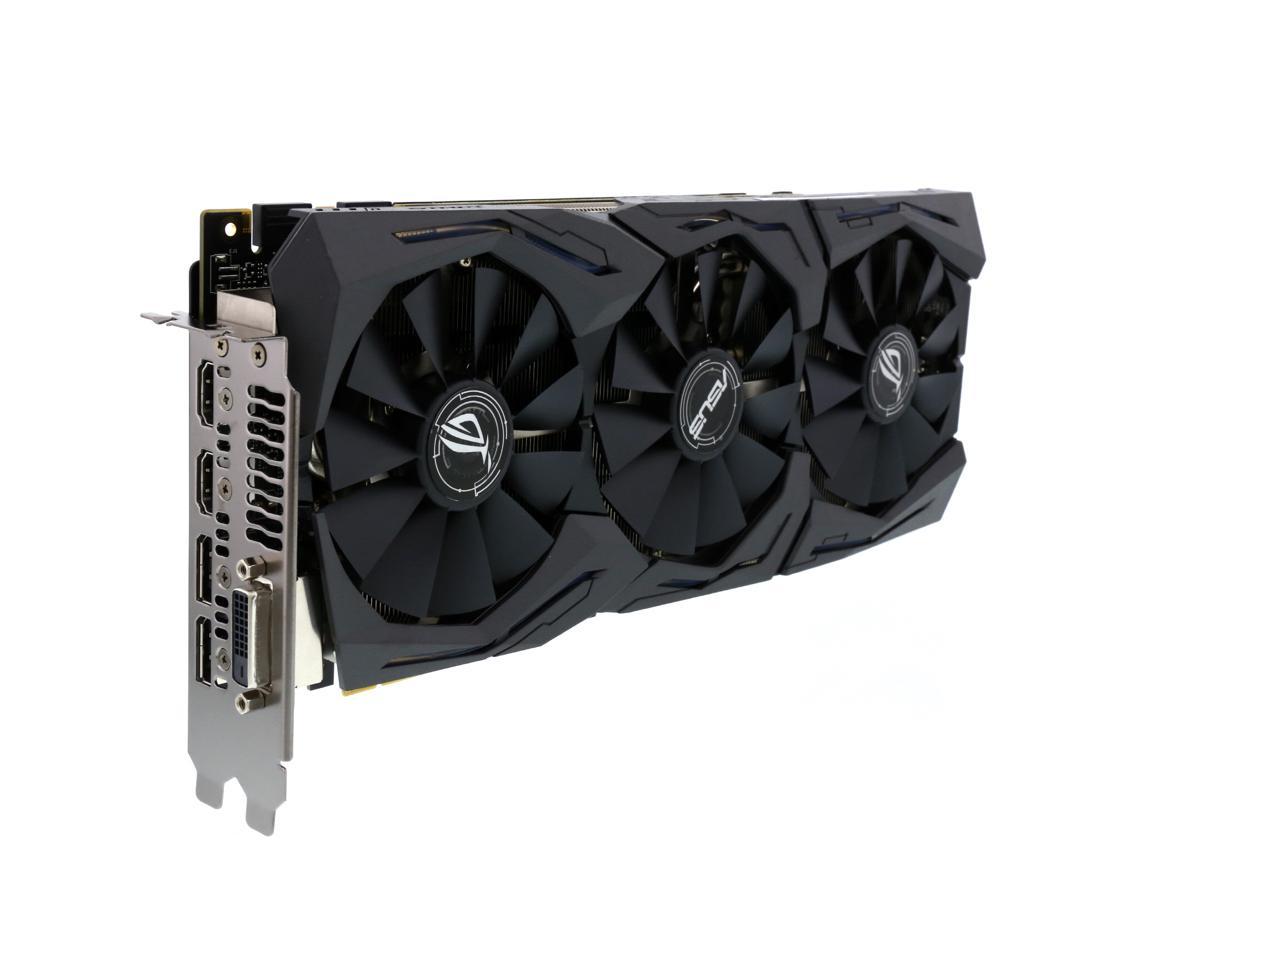 ASUS ROG GeForce GTX 1080 STRIX-GTX1080-A8G-GAMING 8GB w Destiny 2 $450 AR and MP promo